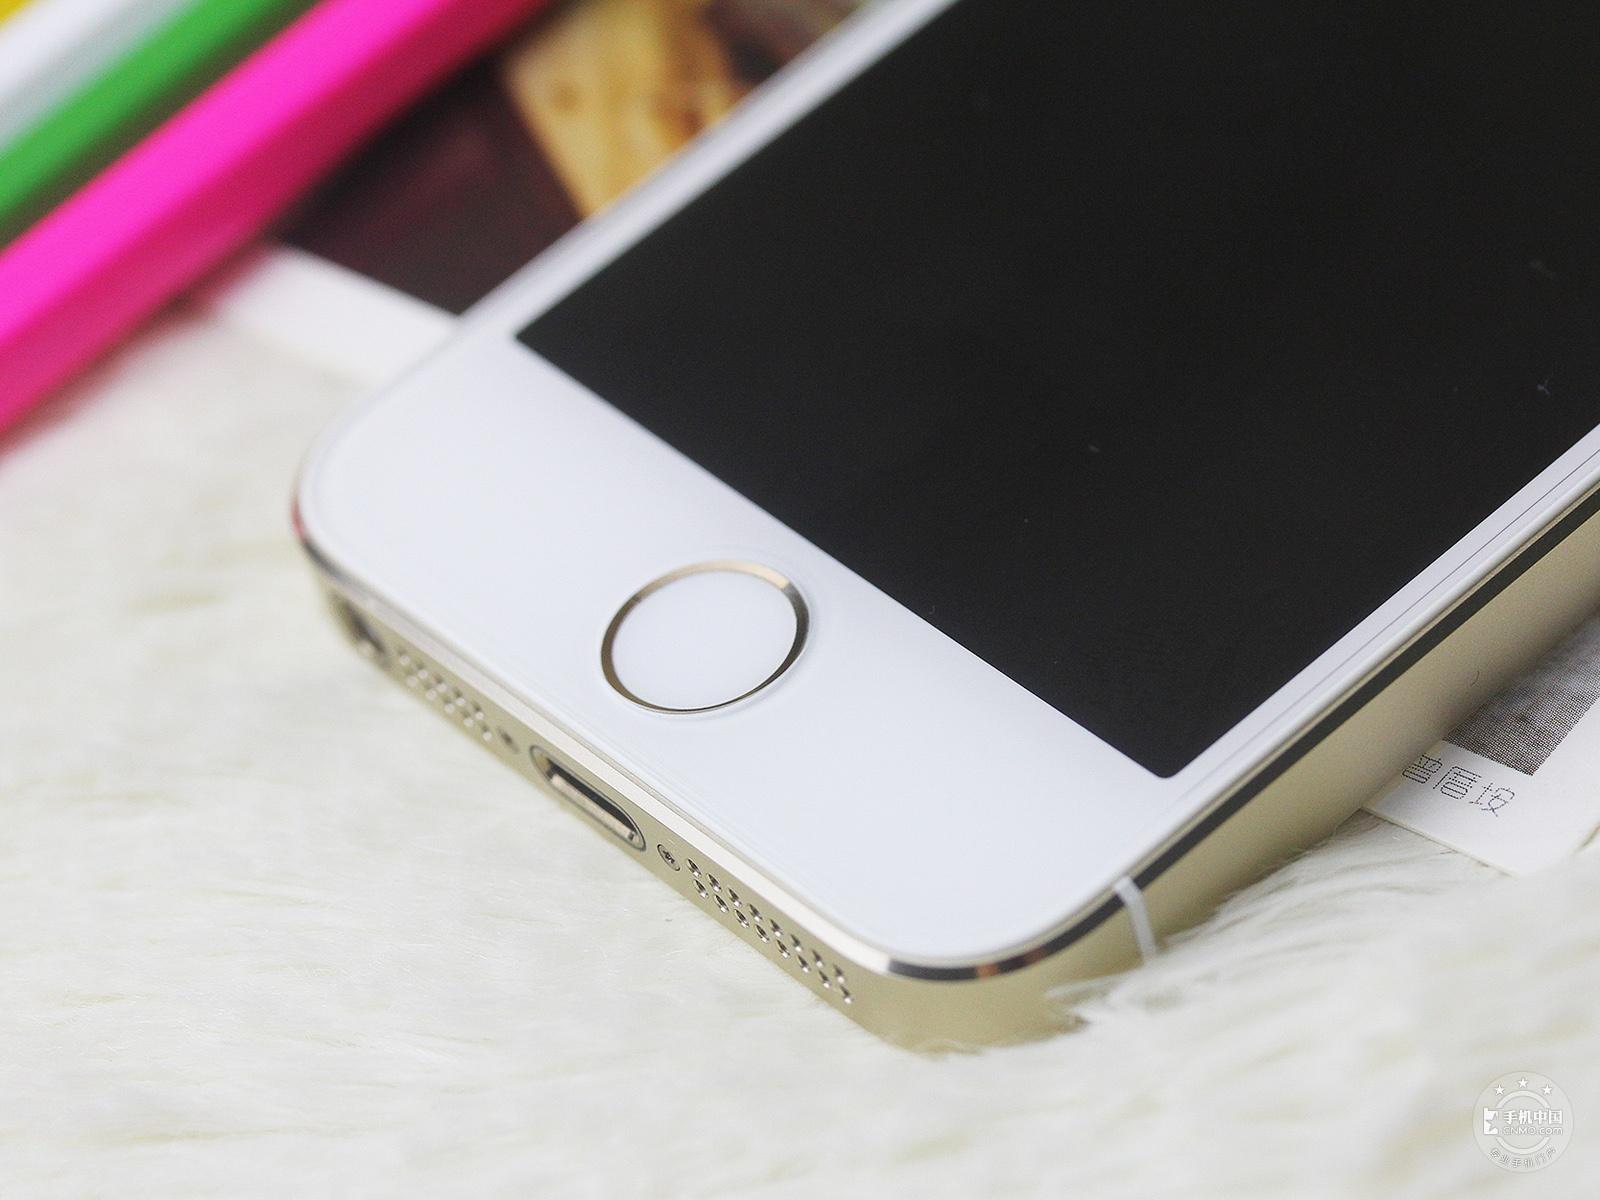 苹果iPhone5s(电信版)机身细节第6张